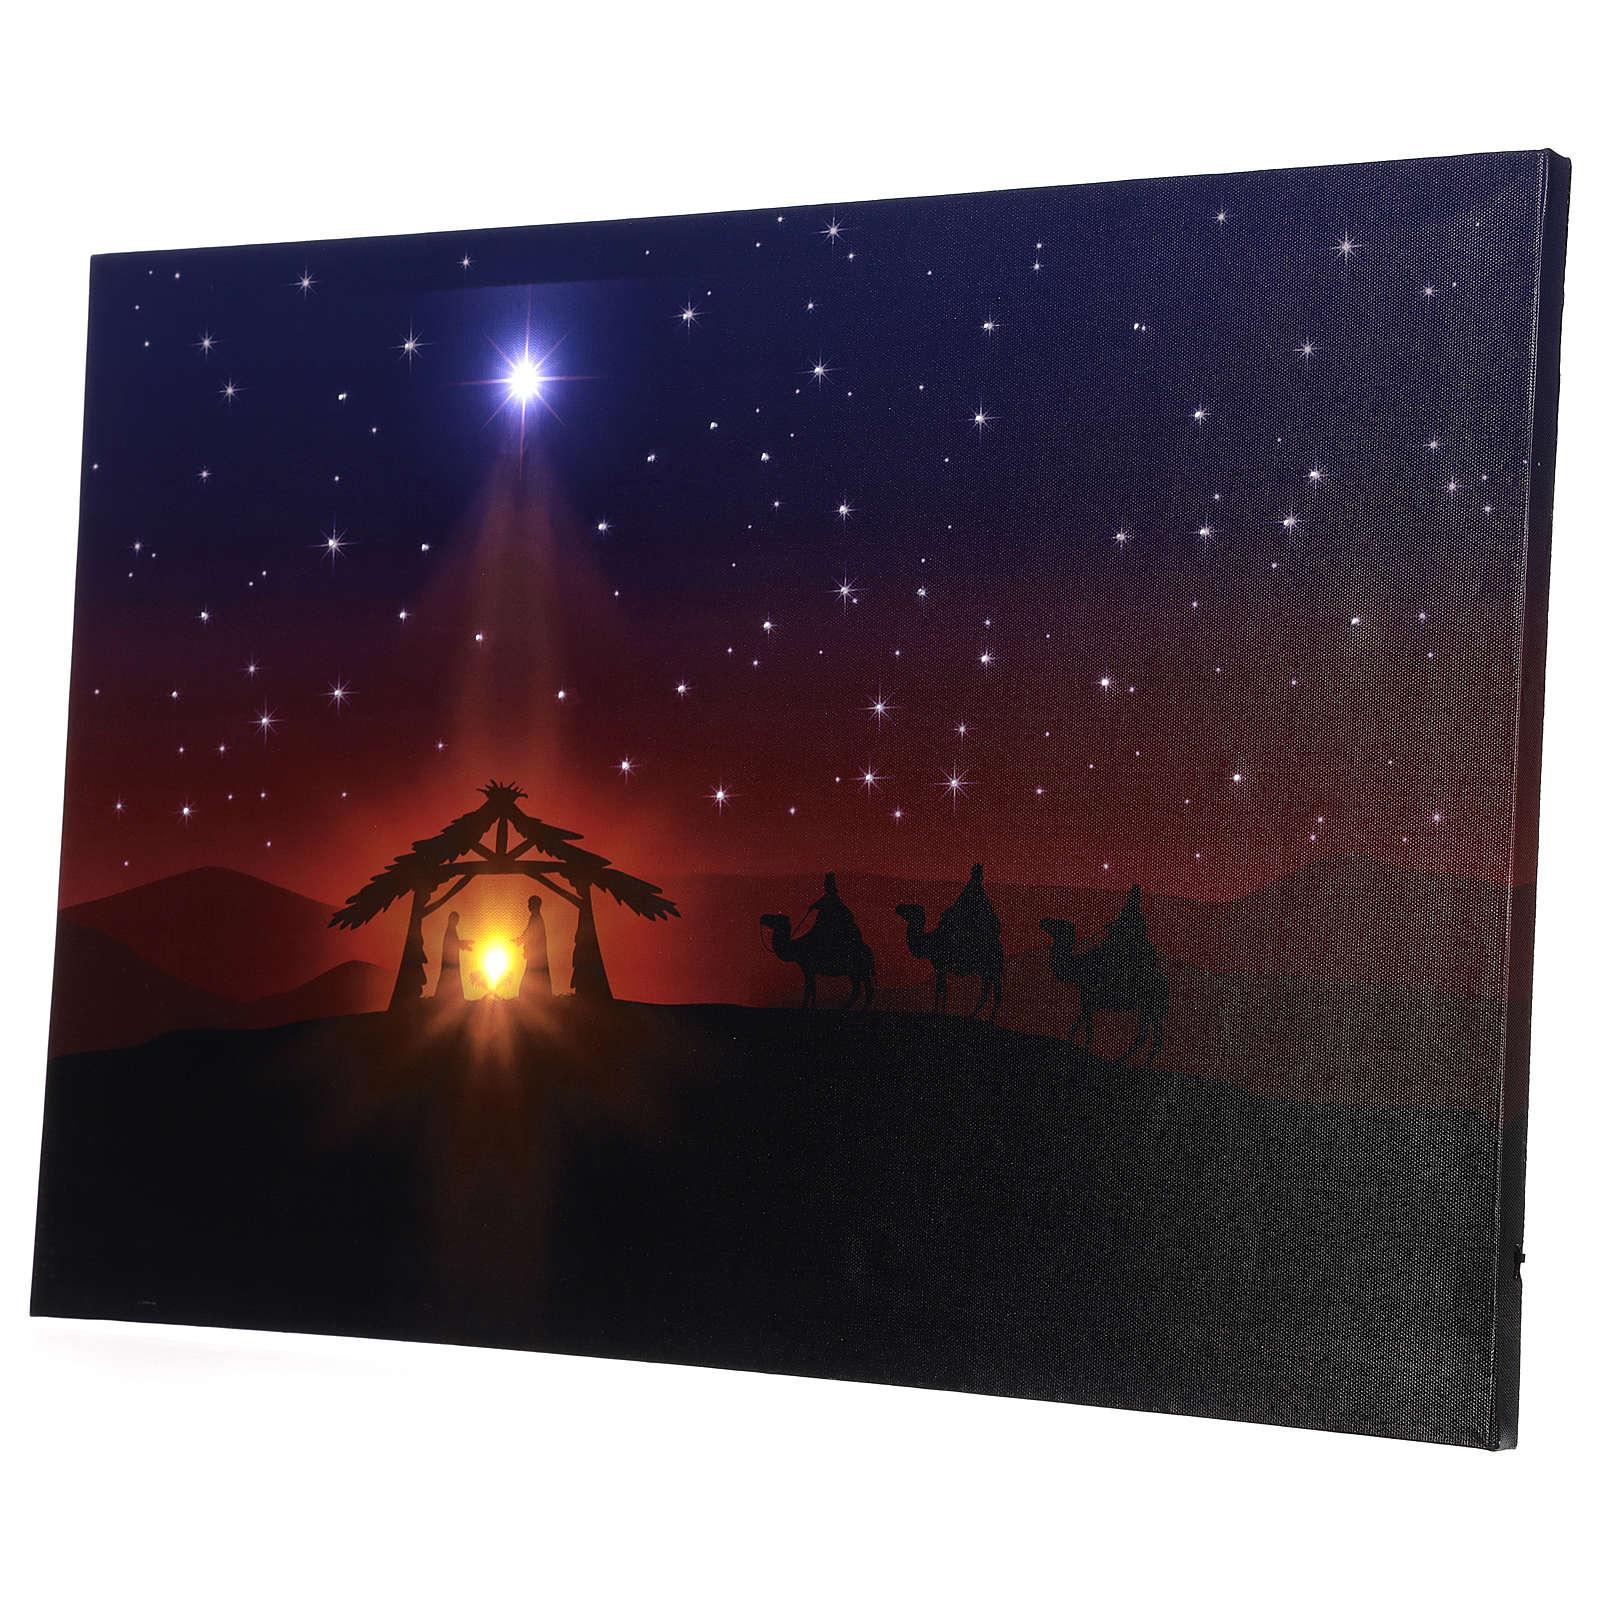 Quadro Natività led 40x60 cm led illuminato 3